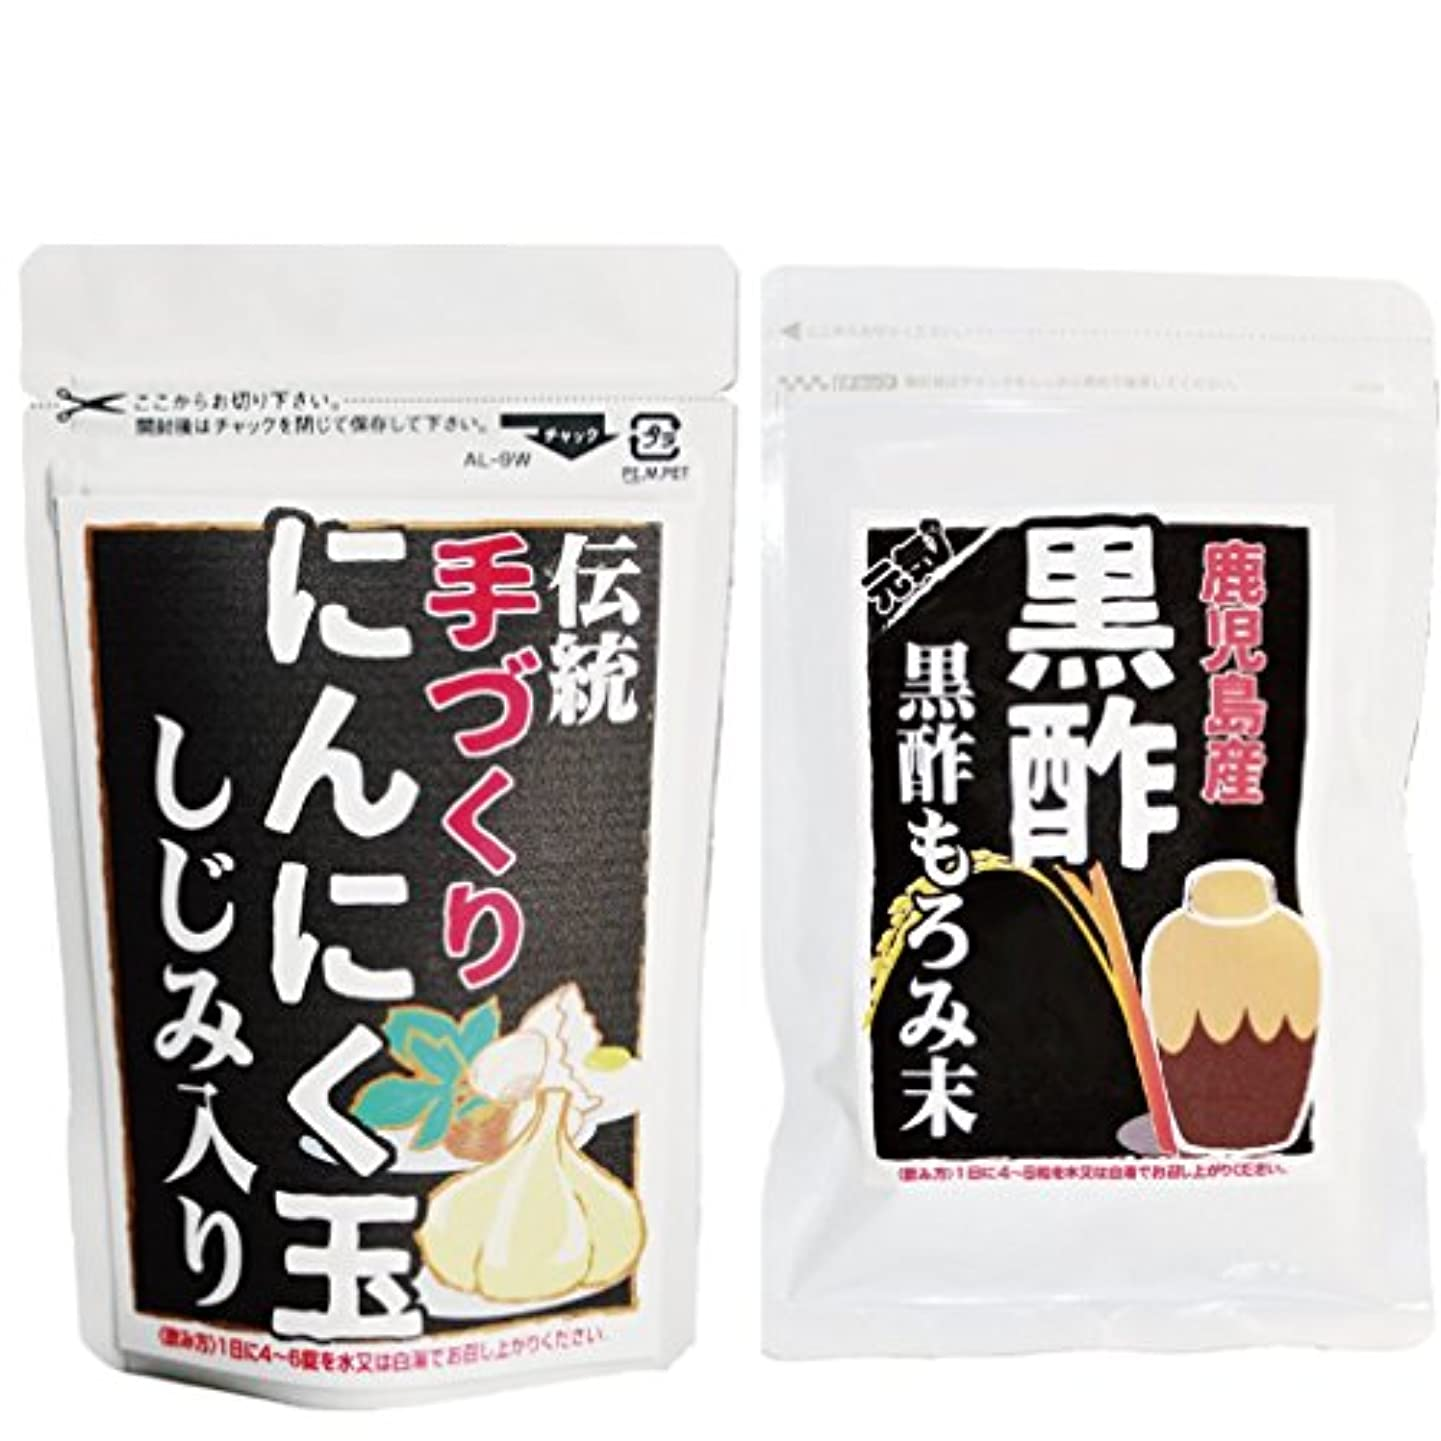 ソートポスターフリッパー2点セット 黒酢サプリ 1袋 伝統手づくりにんにく玉【黒ラベル」 1袋